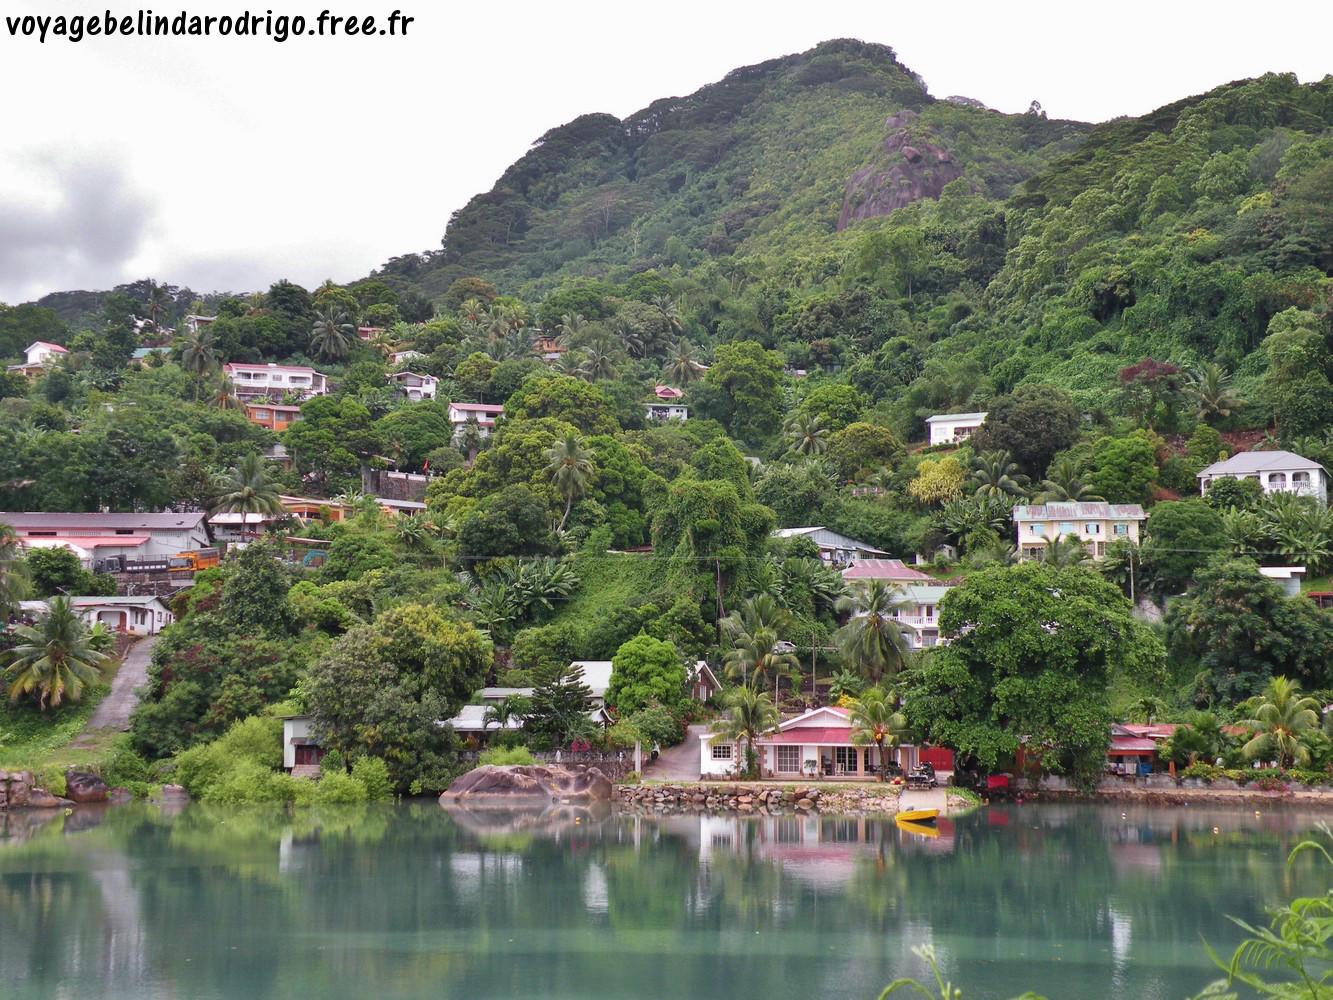 Vue depuis l'île du Port - Mahé